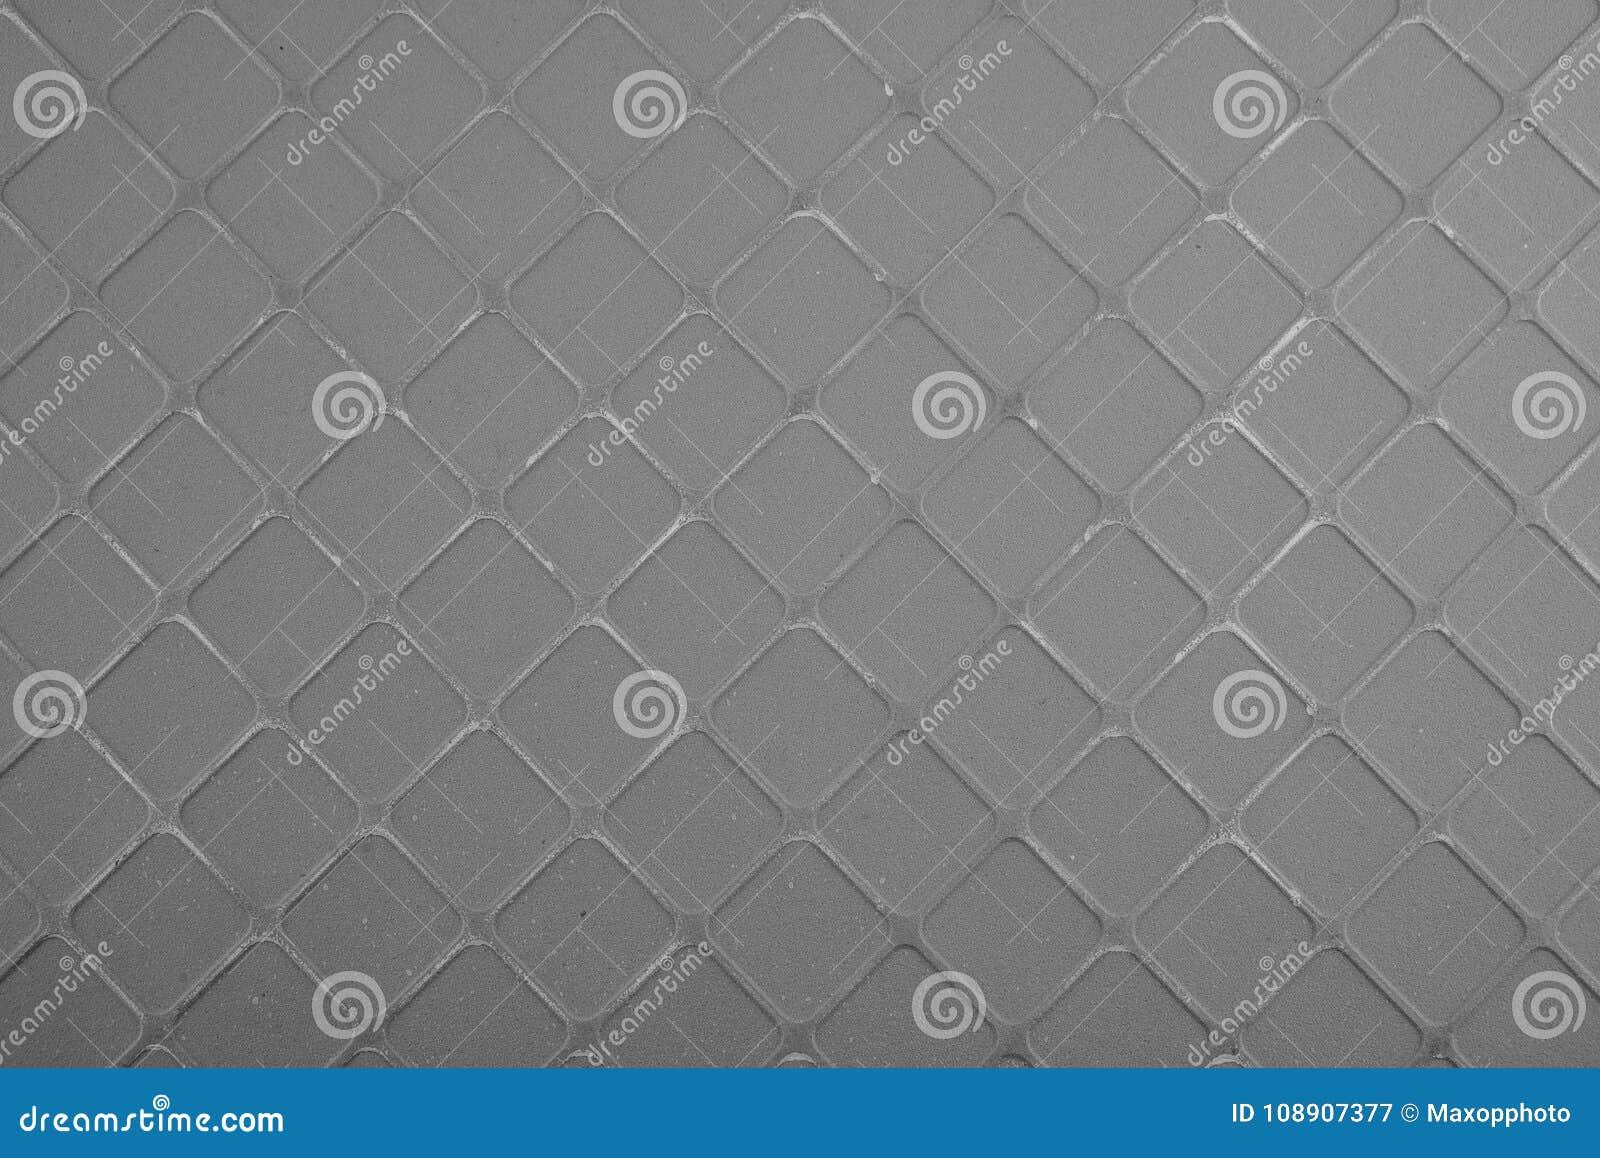 Fondo geométrico del modelo Textura de la decoración de la simetría